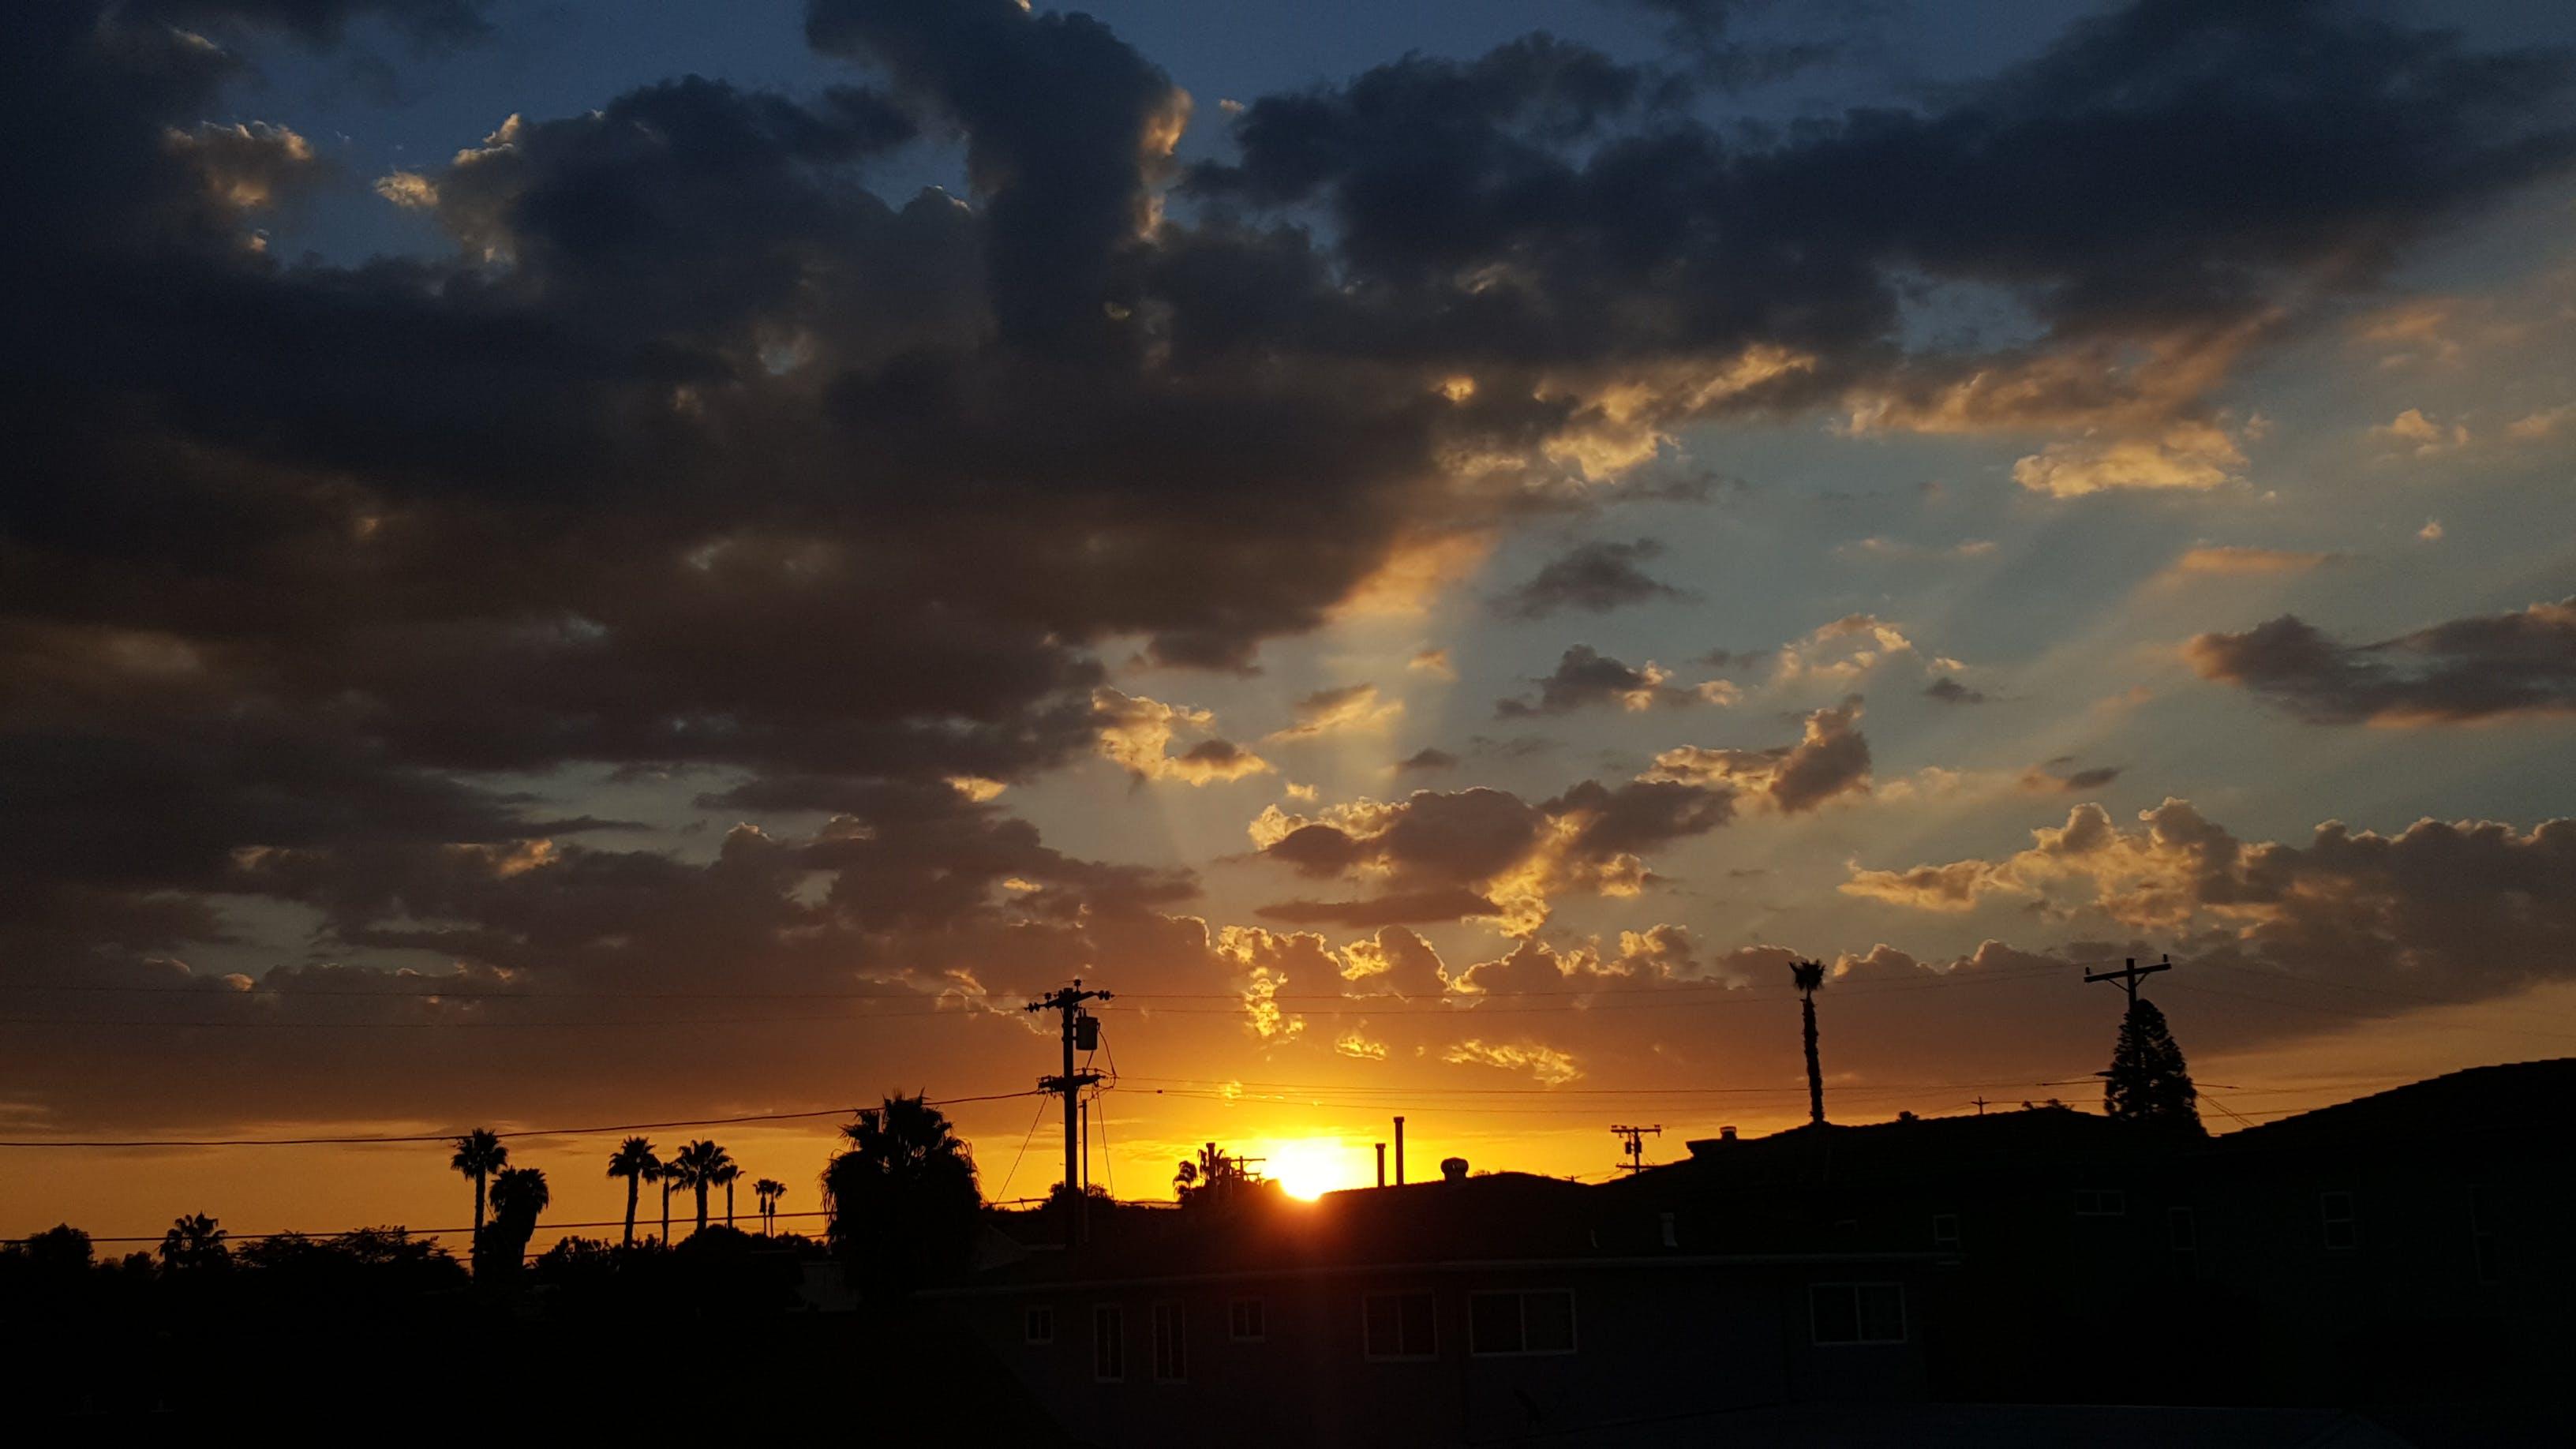 가벼운, 경치, 경치가 좋은, 구름의 무료 스톡 사진